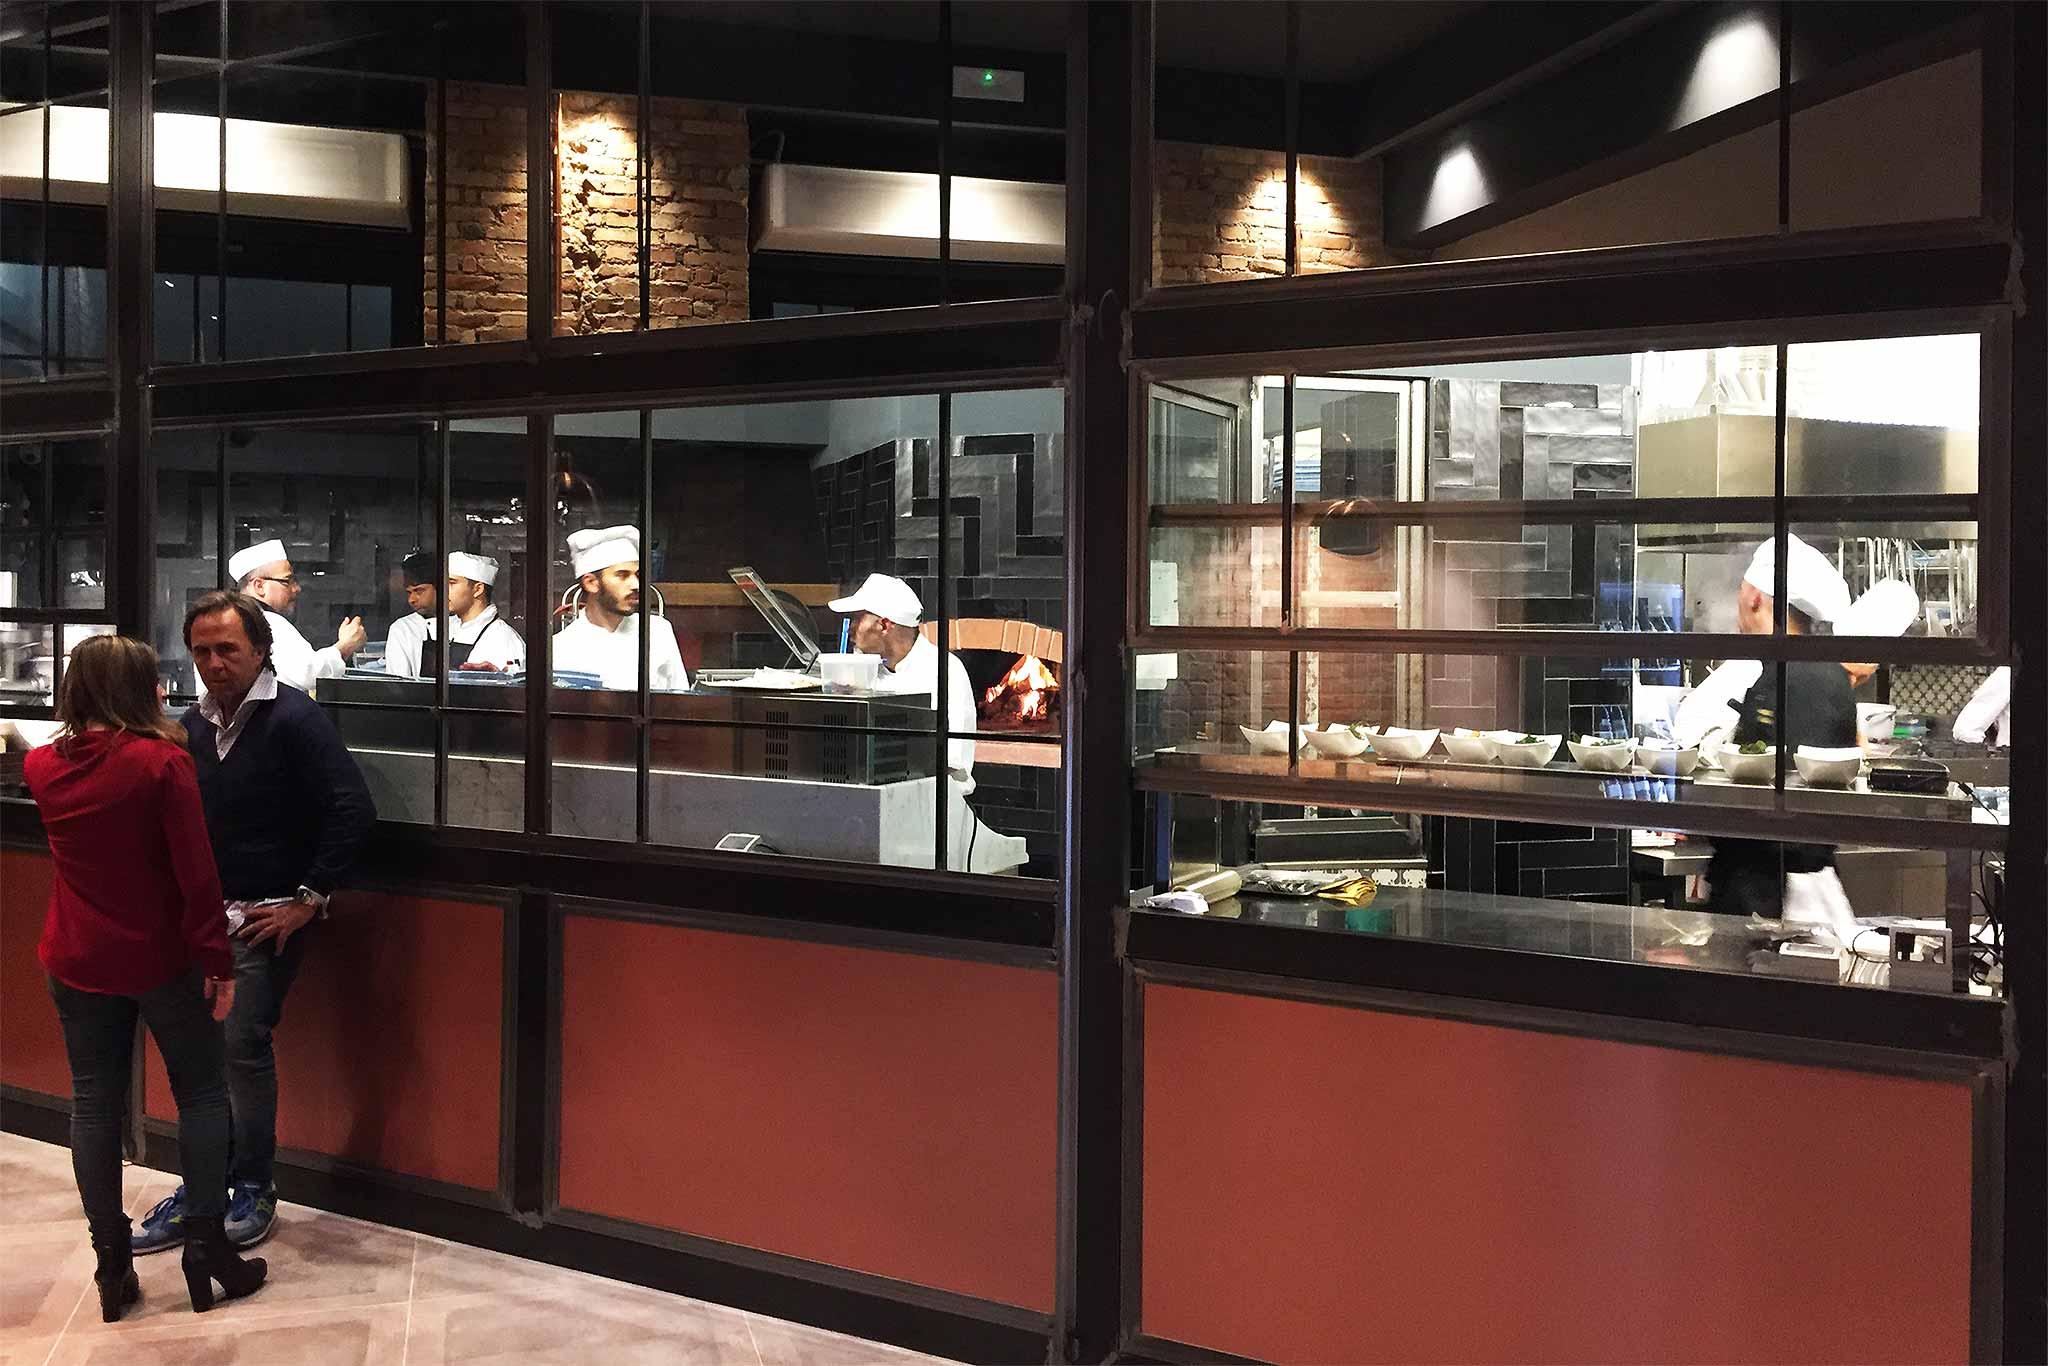 Roma i vitelloni mega ristorante da 700 mq che riapre con pizza hamburger e cucina di mare - Ristorante con tavoli all aperto roma ...